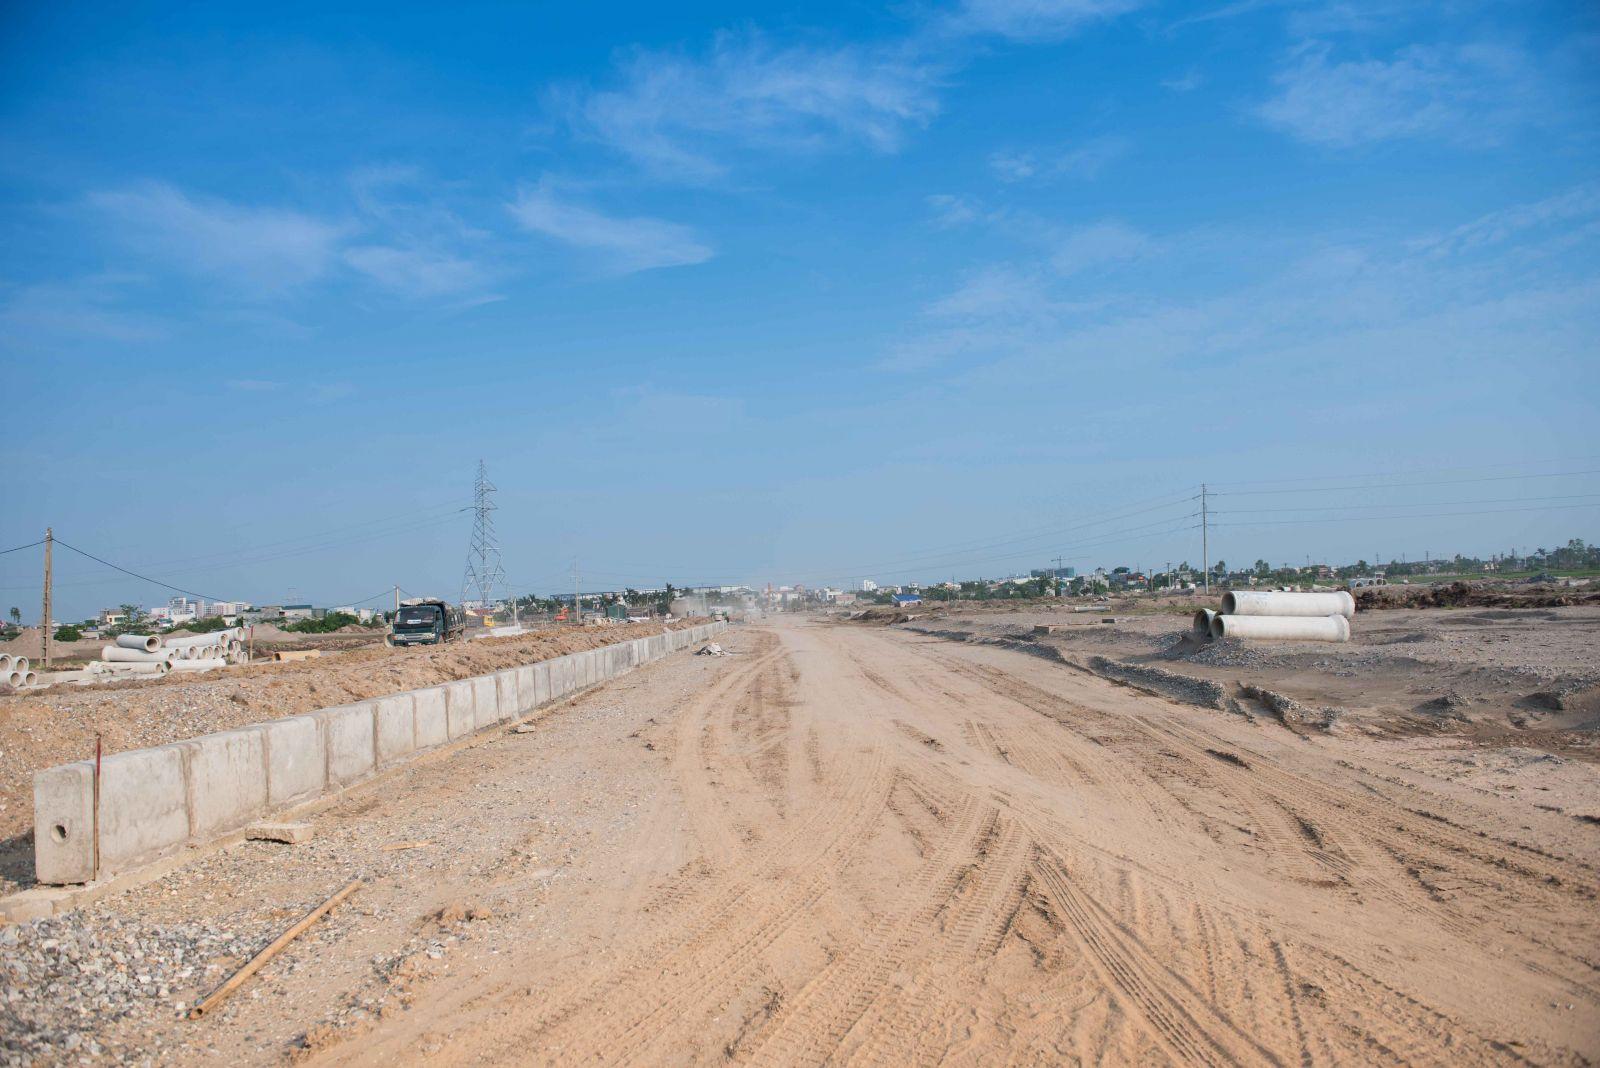 Đại lộ Kỳ Đồng kéo dài từ Đường Trần Thủ Độ đến Quốc lộ 10 (2)